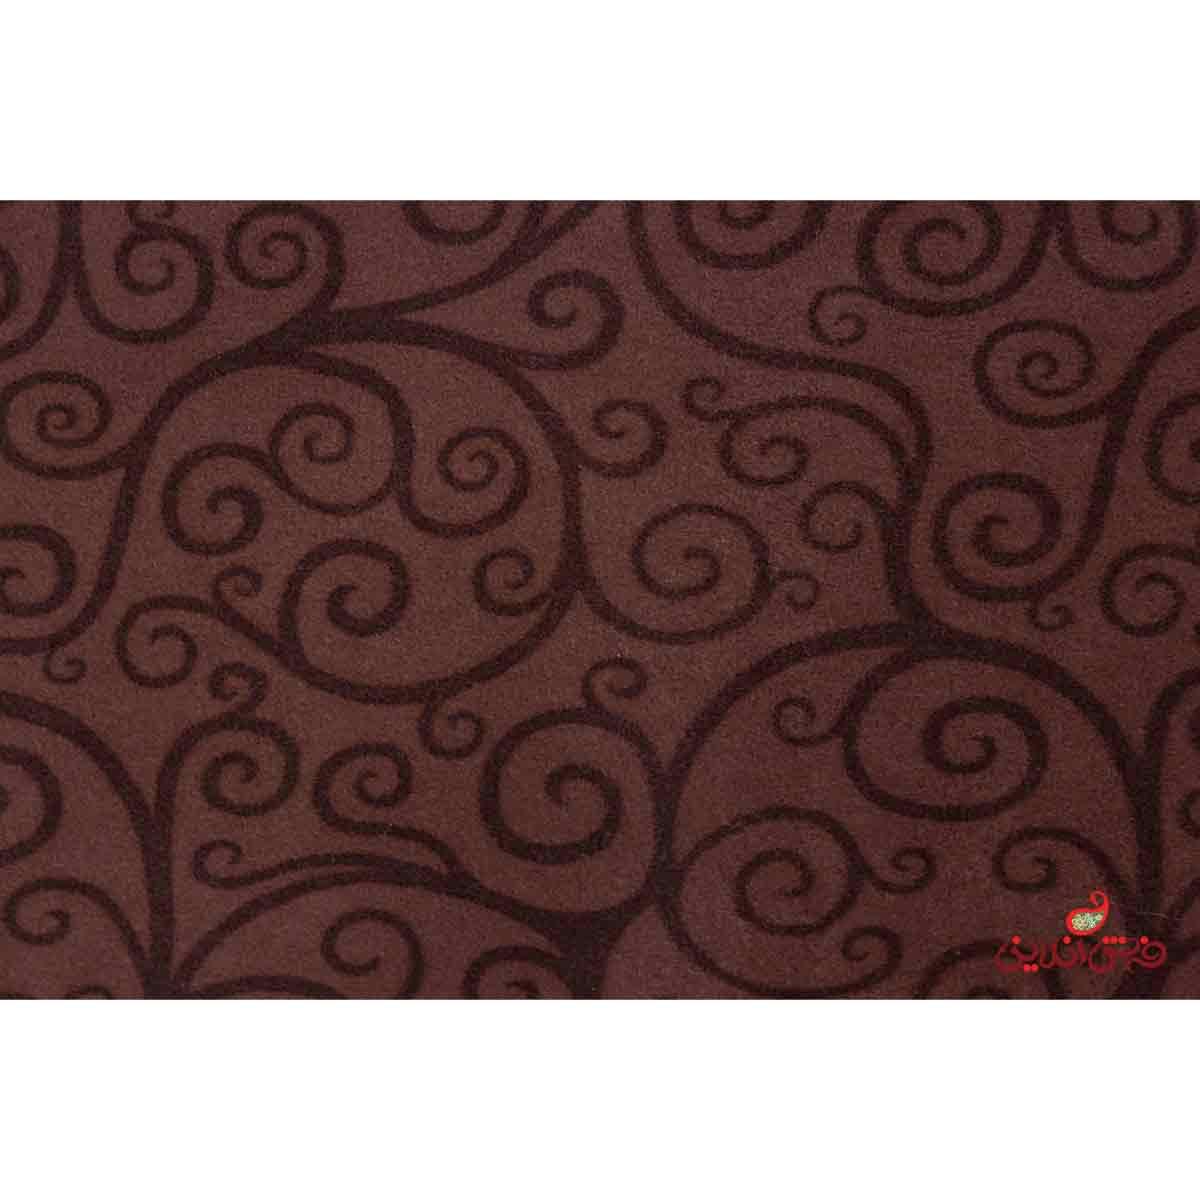 موکت ظریف مصور چاپی طرح درباری قهوه ای